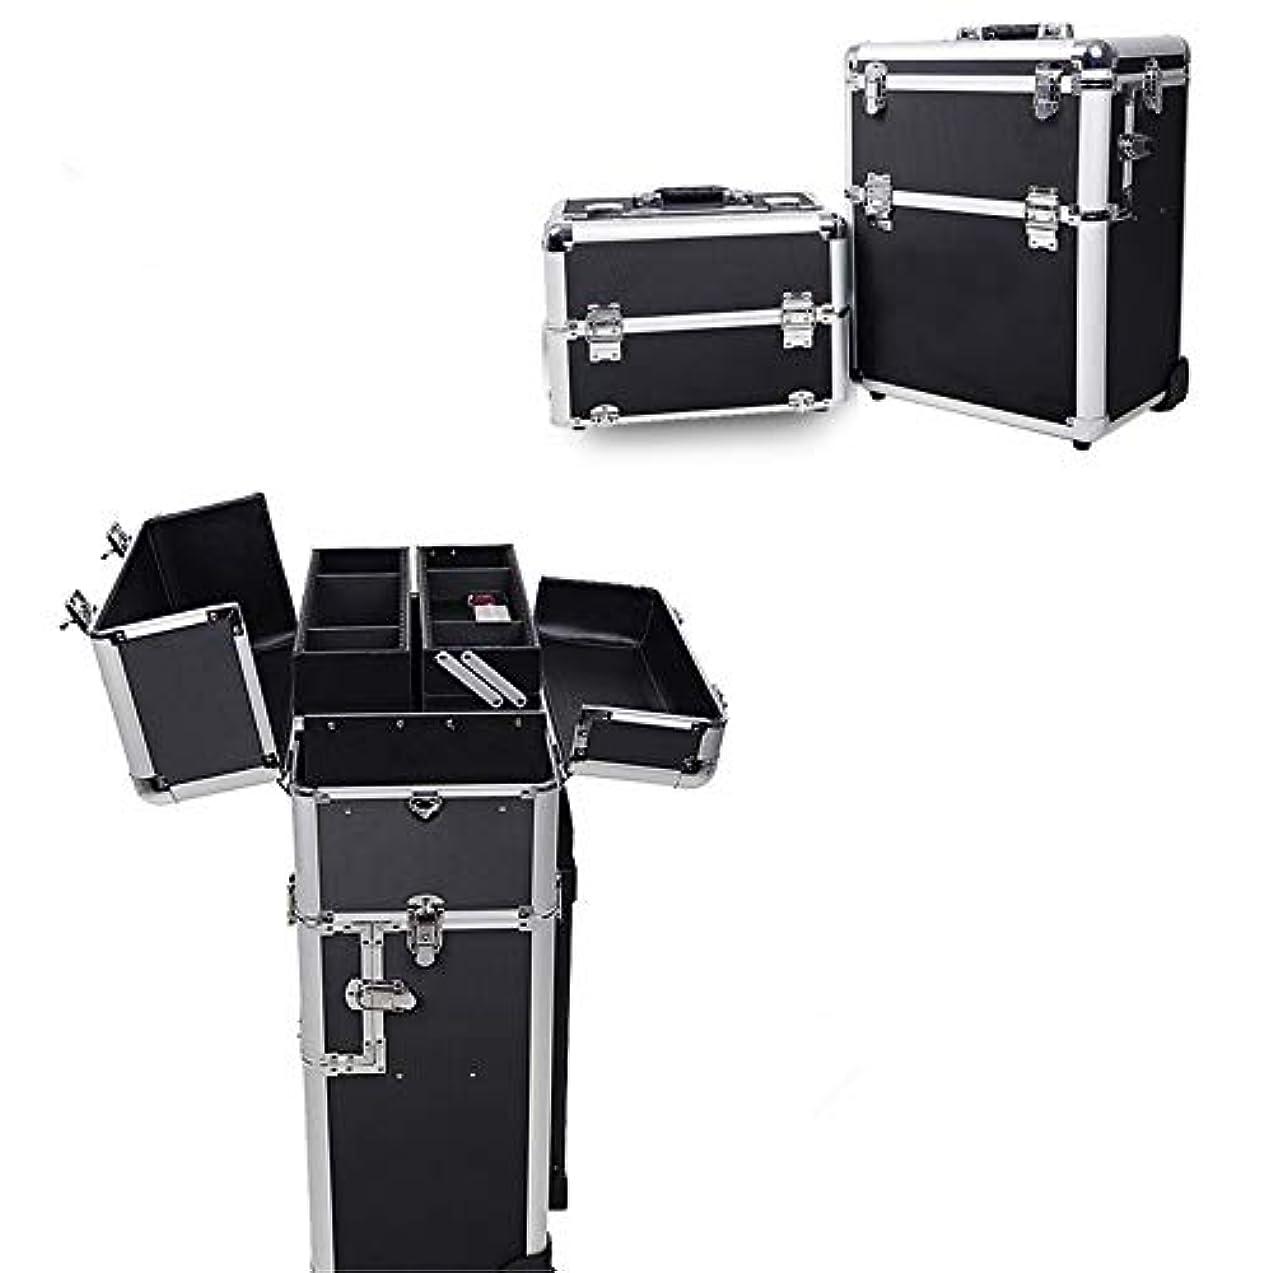 シミュレートする最大限ベーカリー化粧オーガナイザーバッグ 旅行メイクバッグ3層スーツケースメイク化粧品バッグポータブルトイレタージュ化粧ケース 化粧品ケース